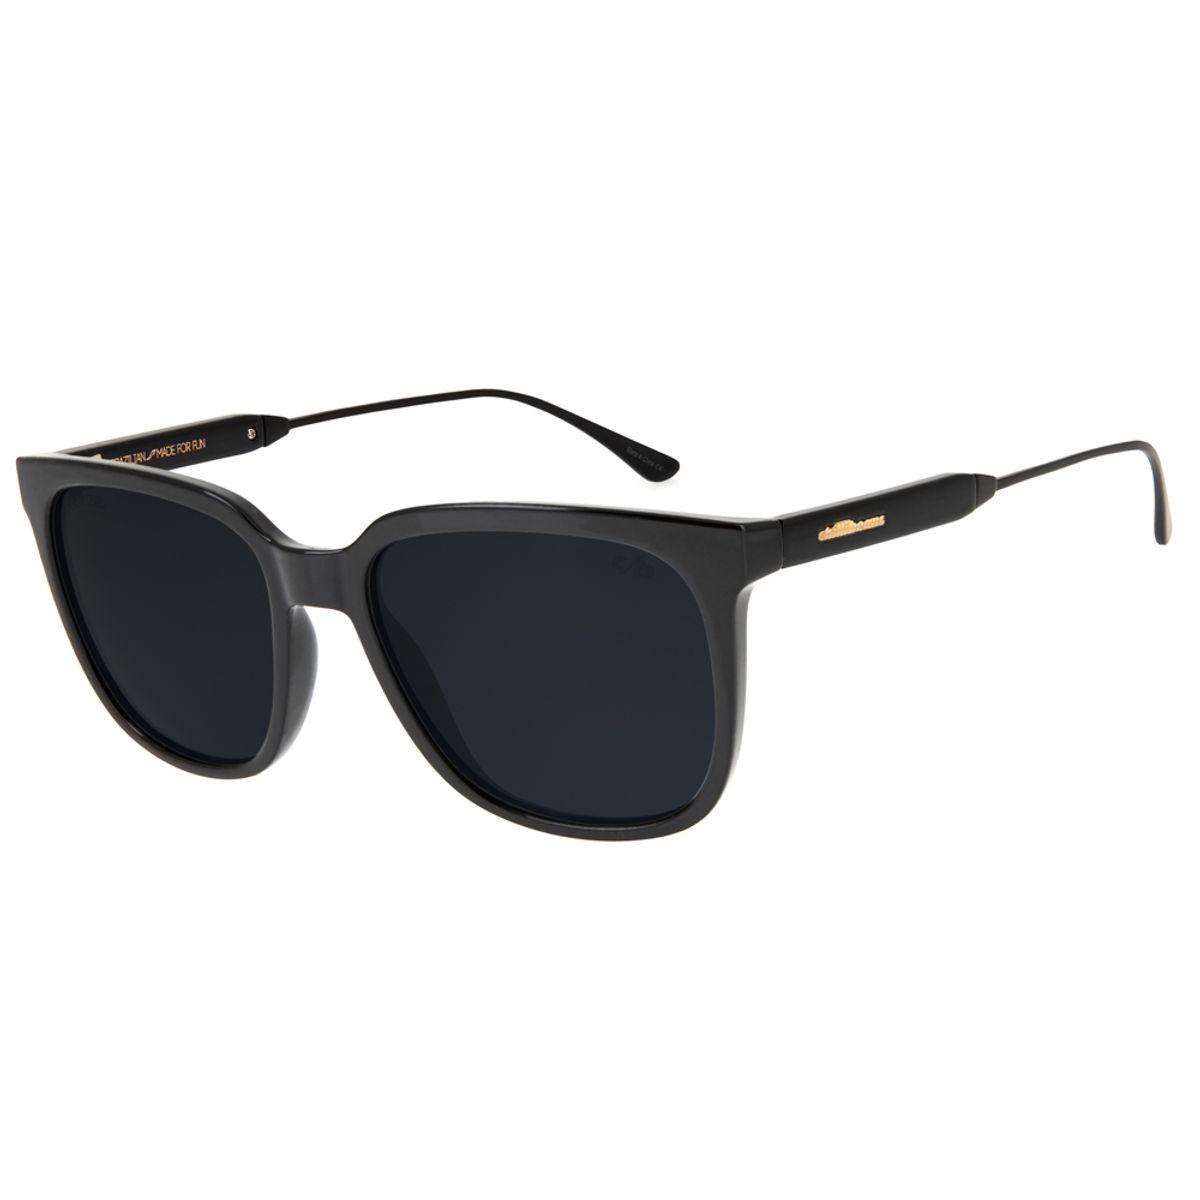 e53a61e48 Óculos de Sol Feminino Chilli Beans Haste Mix Preto Polarizado 2720 ...